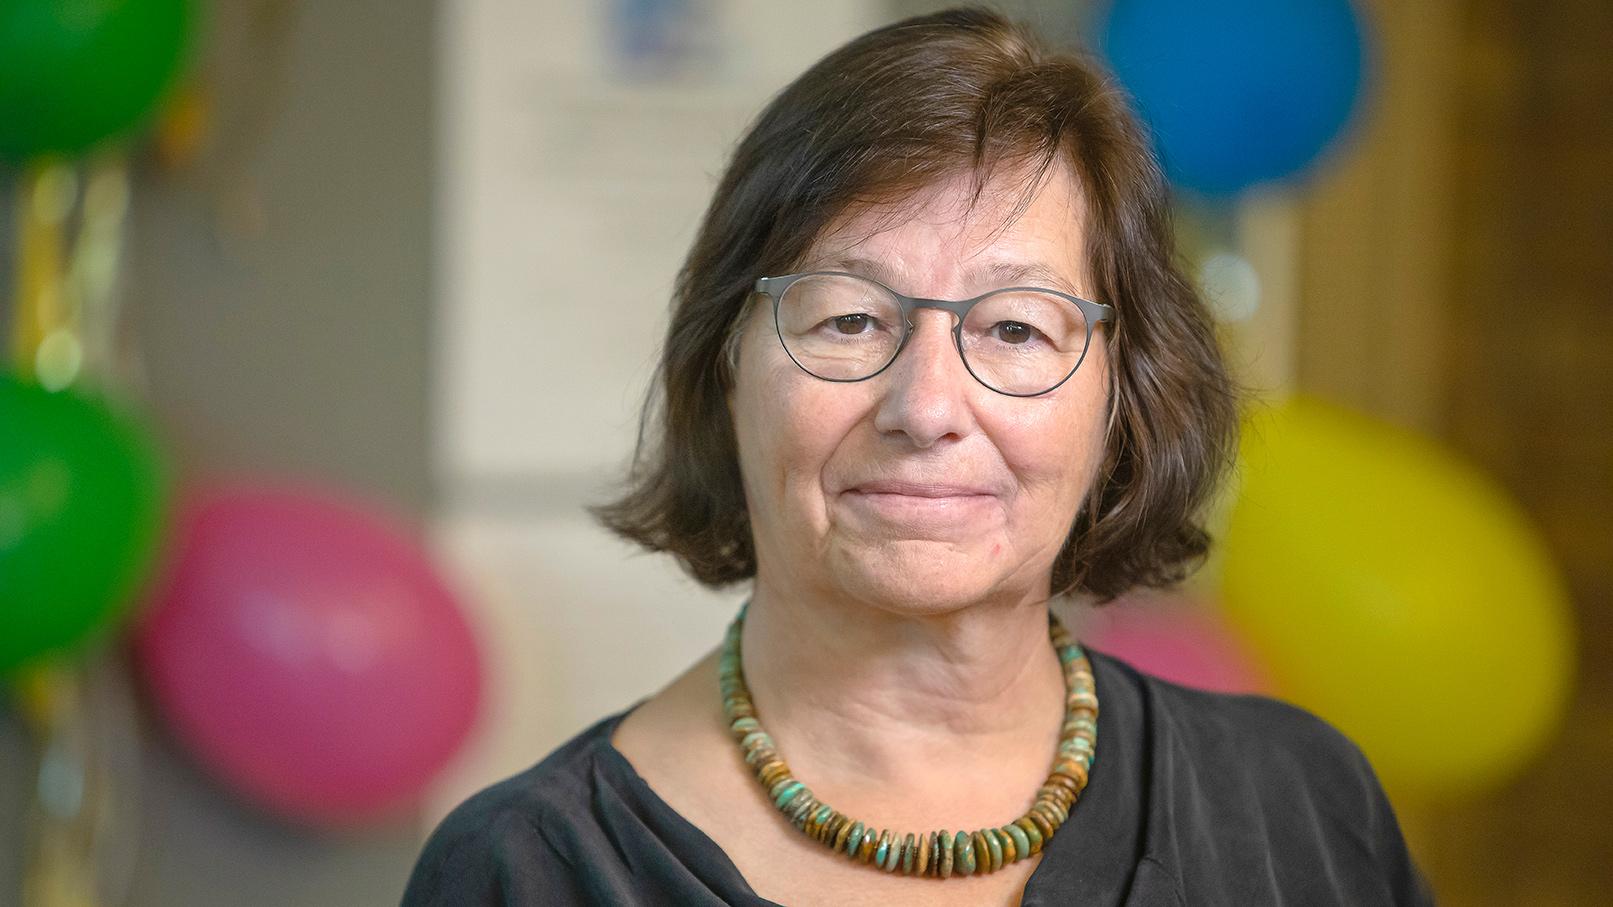 Kerstin Sahlin är ny ledamot i Umeå universitets styrelse. Hon är även ordförande i WASP-HS, ett tioårigt nationellt forskningsprogram som koordineras av Umeå universitet.